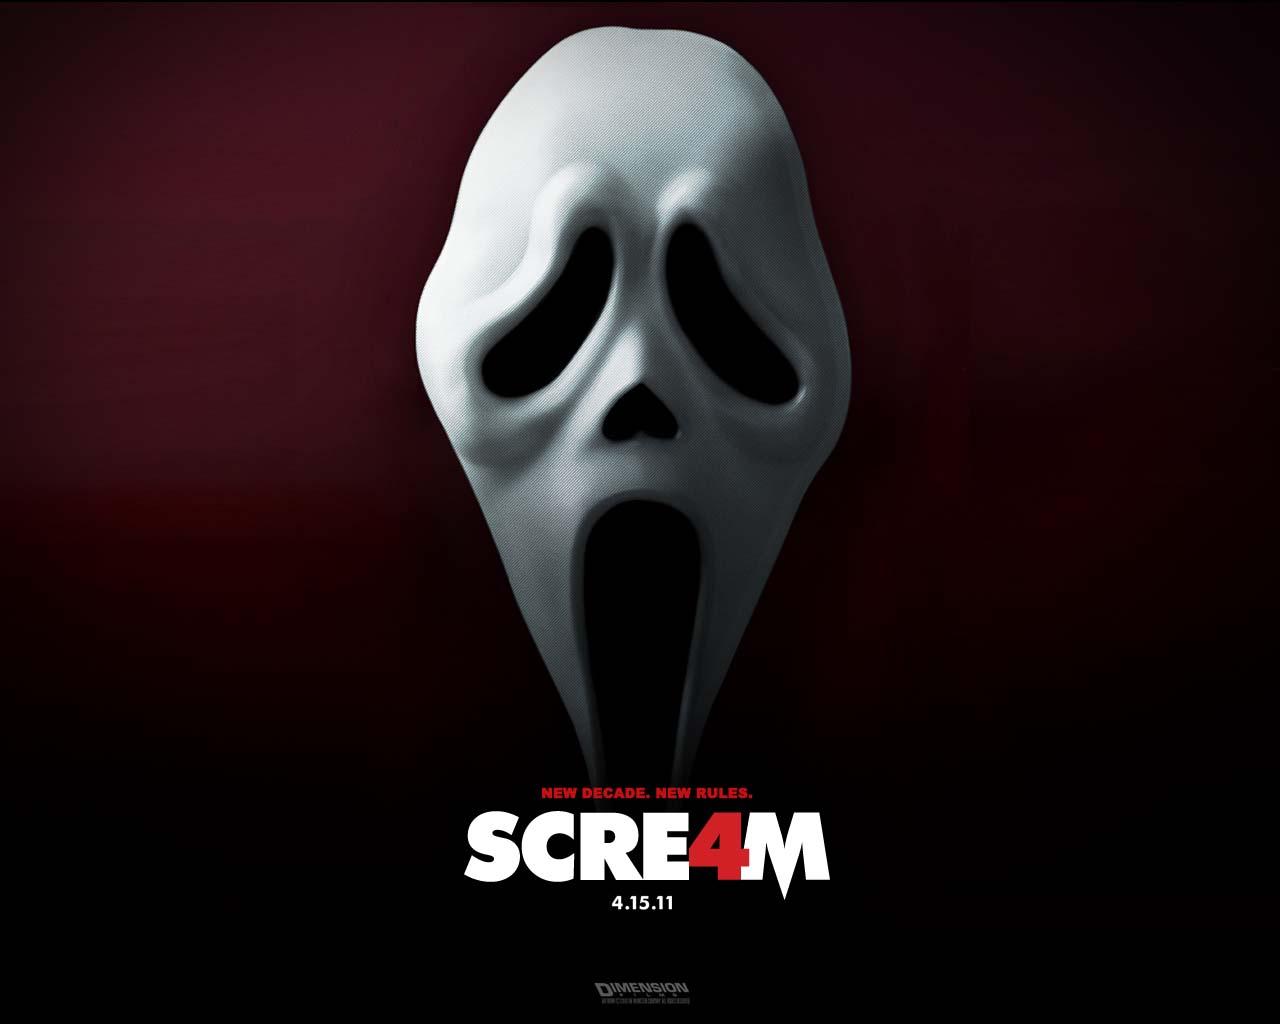 http://1.bp.blogspot.com/-Zrpa8r6ZsvQ/Ta9GMW-KtSI/AAAAAAAACqA/zoMf4bJMI8k/s1600/scream%2B4%2Bmovei%2Bwallpaper%2B%25282%2529.jpg